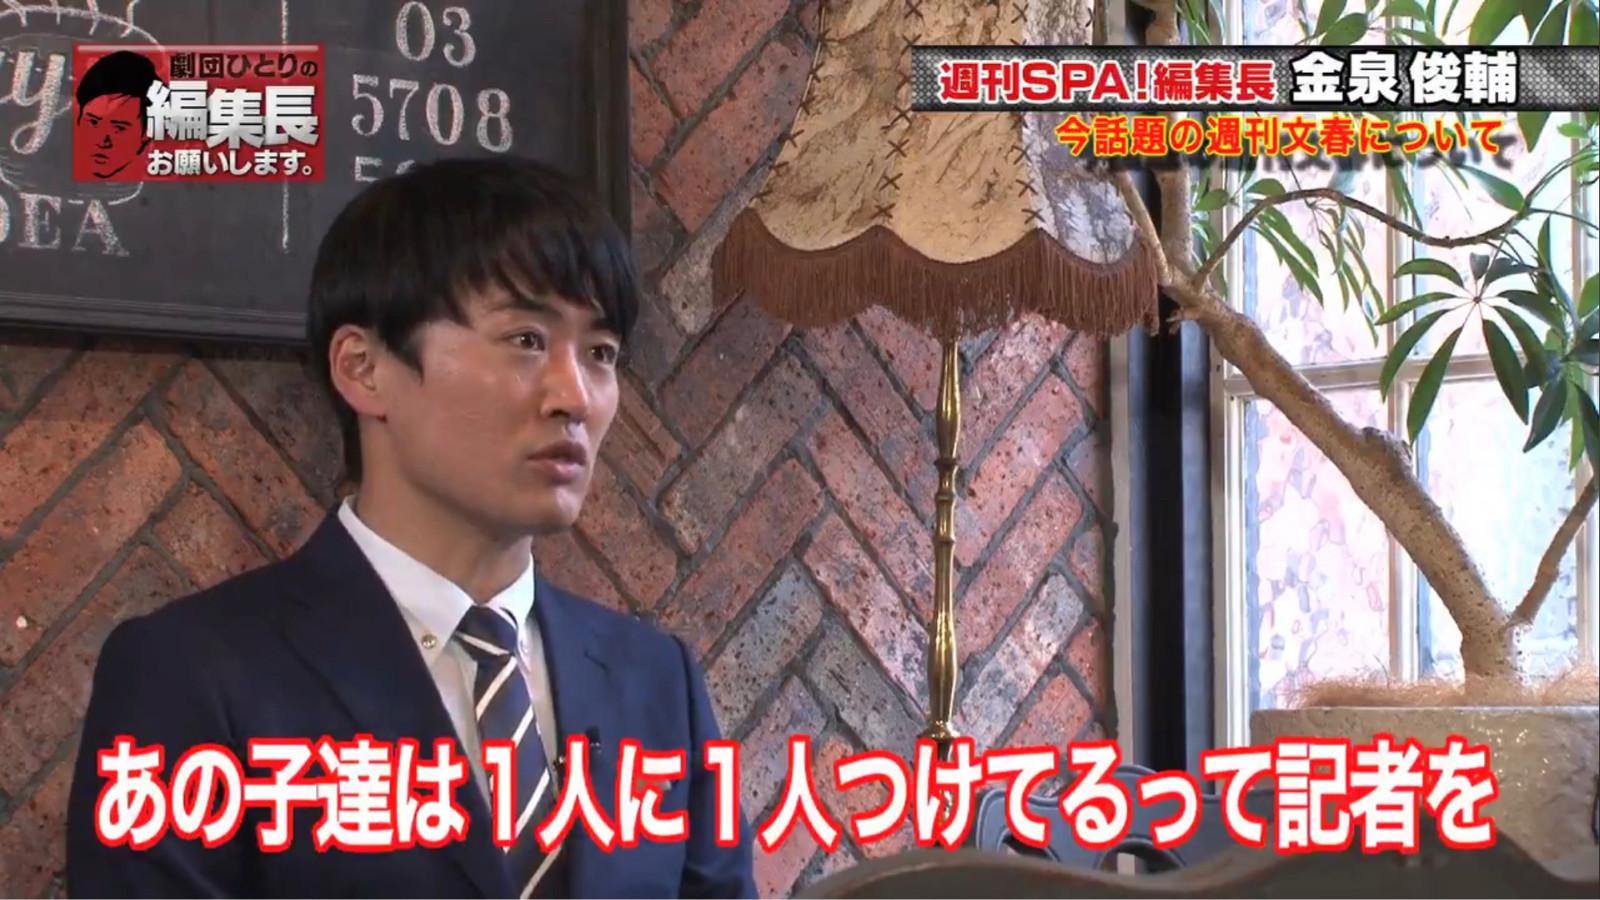 劇団ひとり「AKB48には記者を1人に1人つけてる」